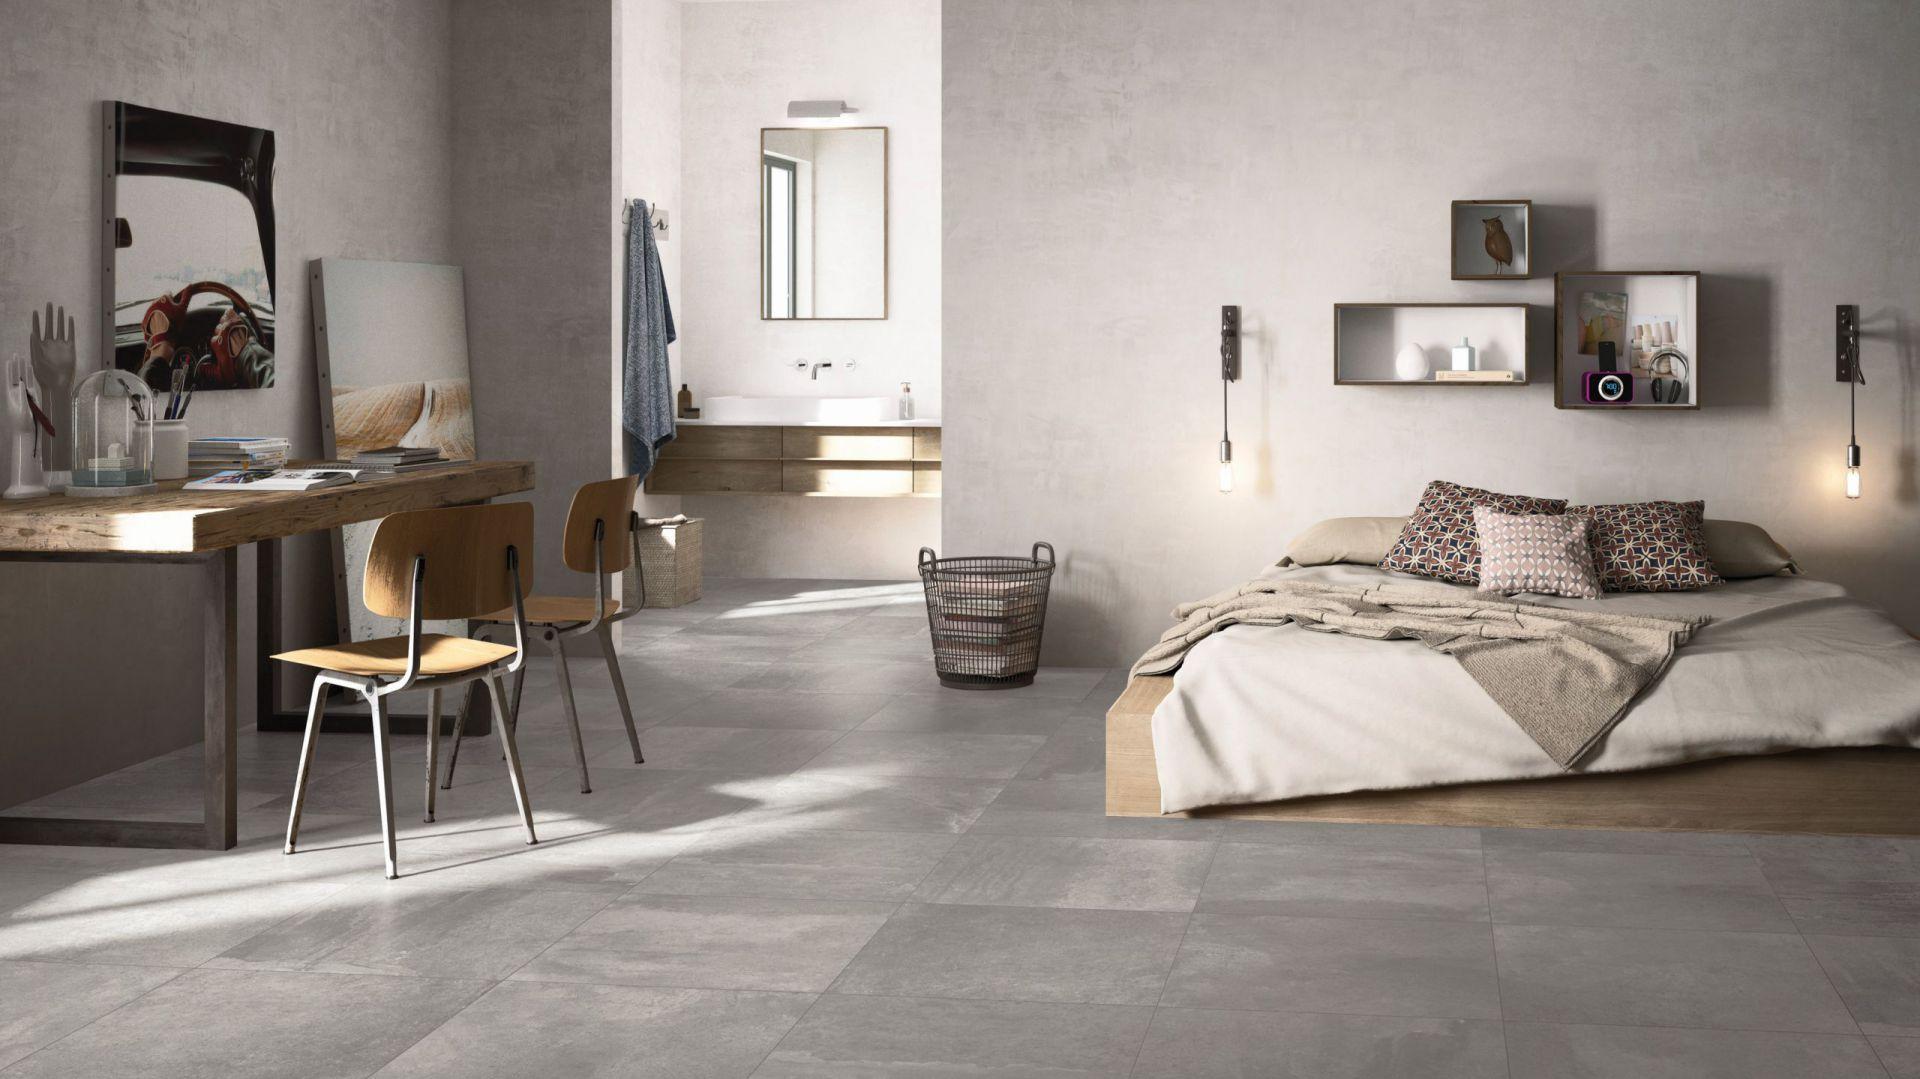 wz r p ytek z kolekcji p ytki jak kamie 15 kolekcji w modnych szaro ciach strona 2. Black Bedroom Furniture Sets. Home Design Ideas